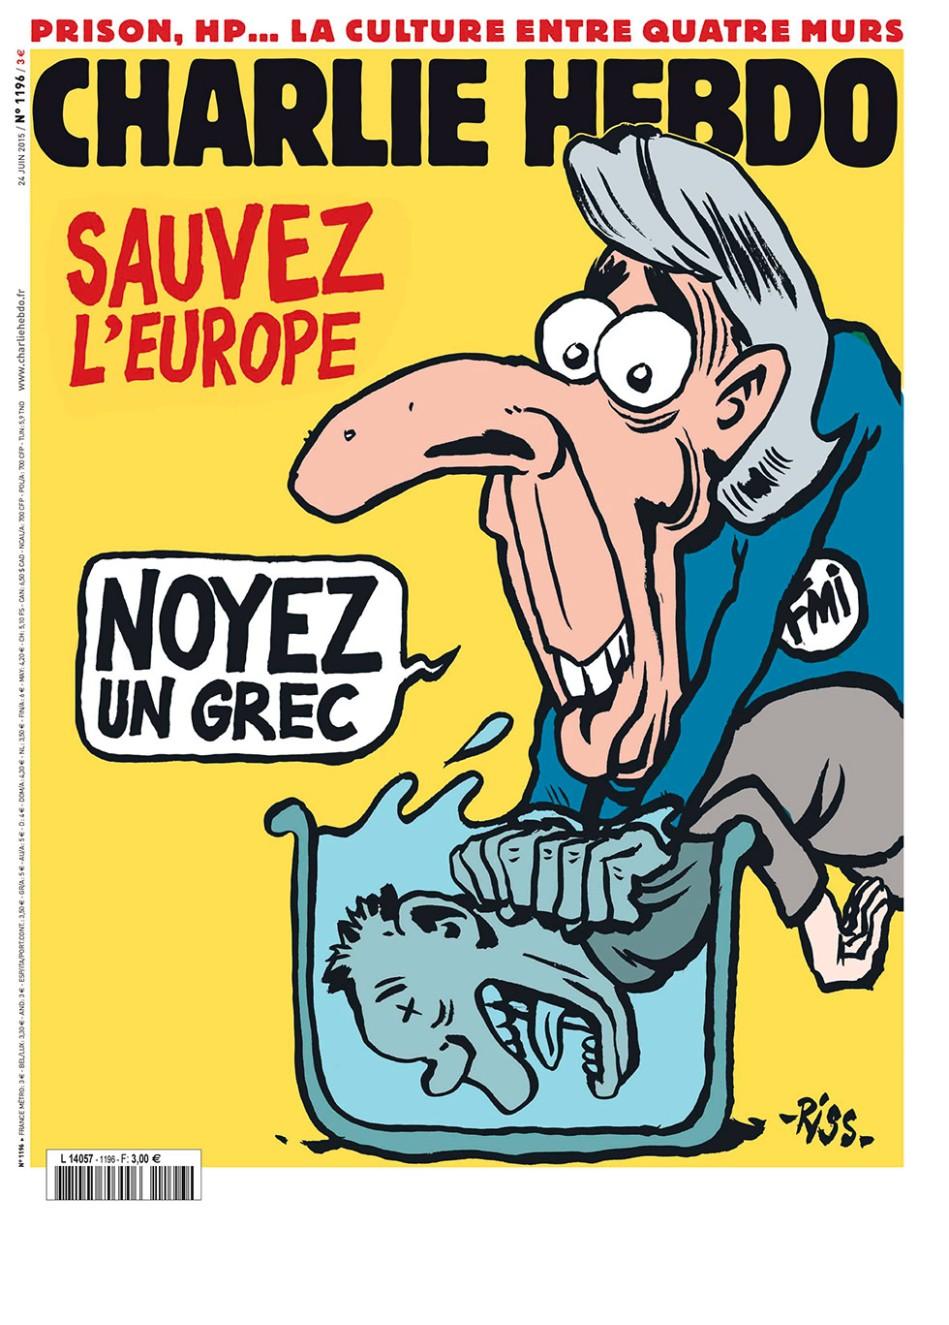 sauvez l'Εurope, noyez un Grec by Riss